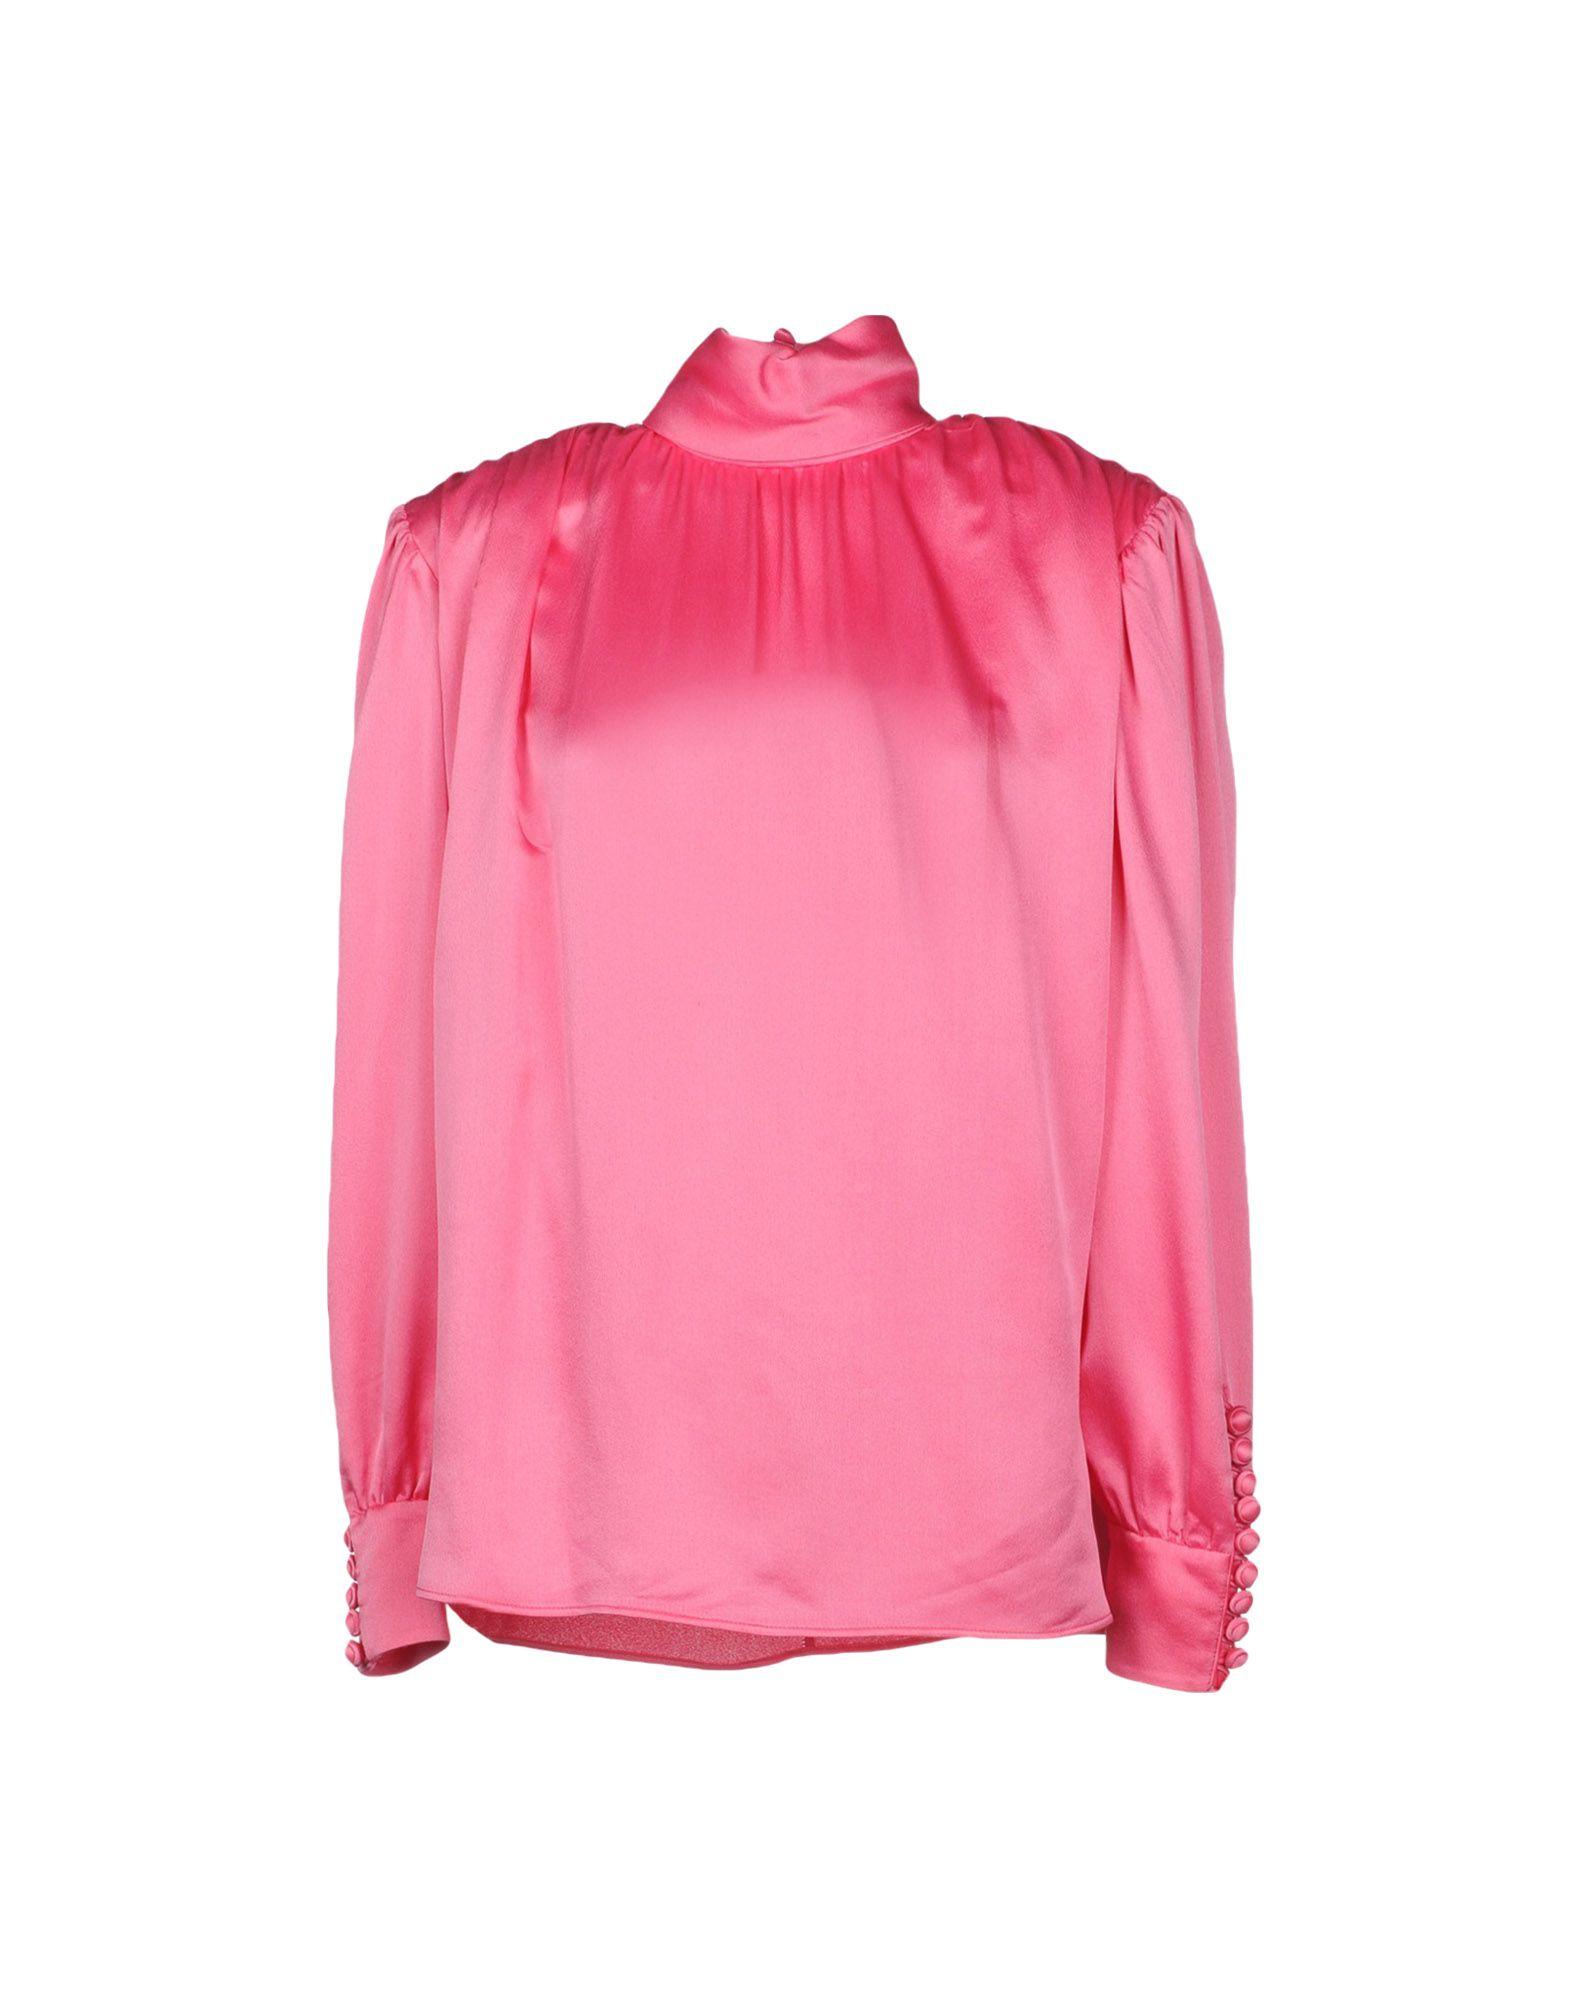 Blusas Gucci para Mujer para Colección Primavera-Verano y Otoño-Invierno,  promociones online en YOOX